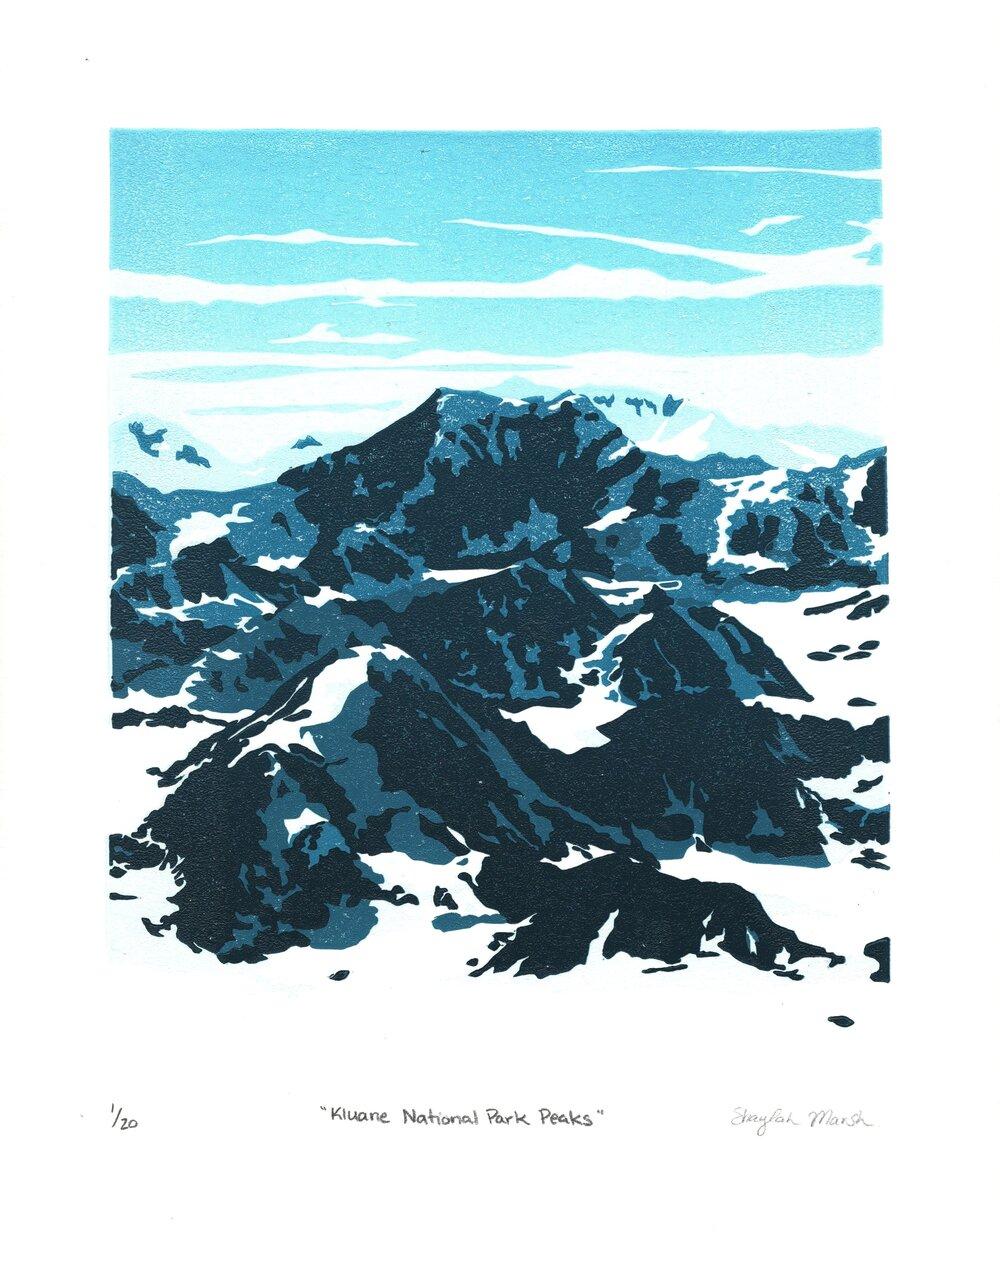 Kluane National Park Peaks